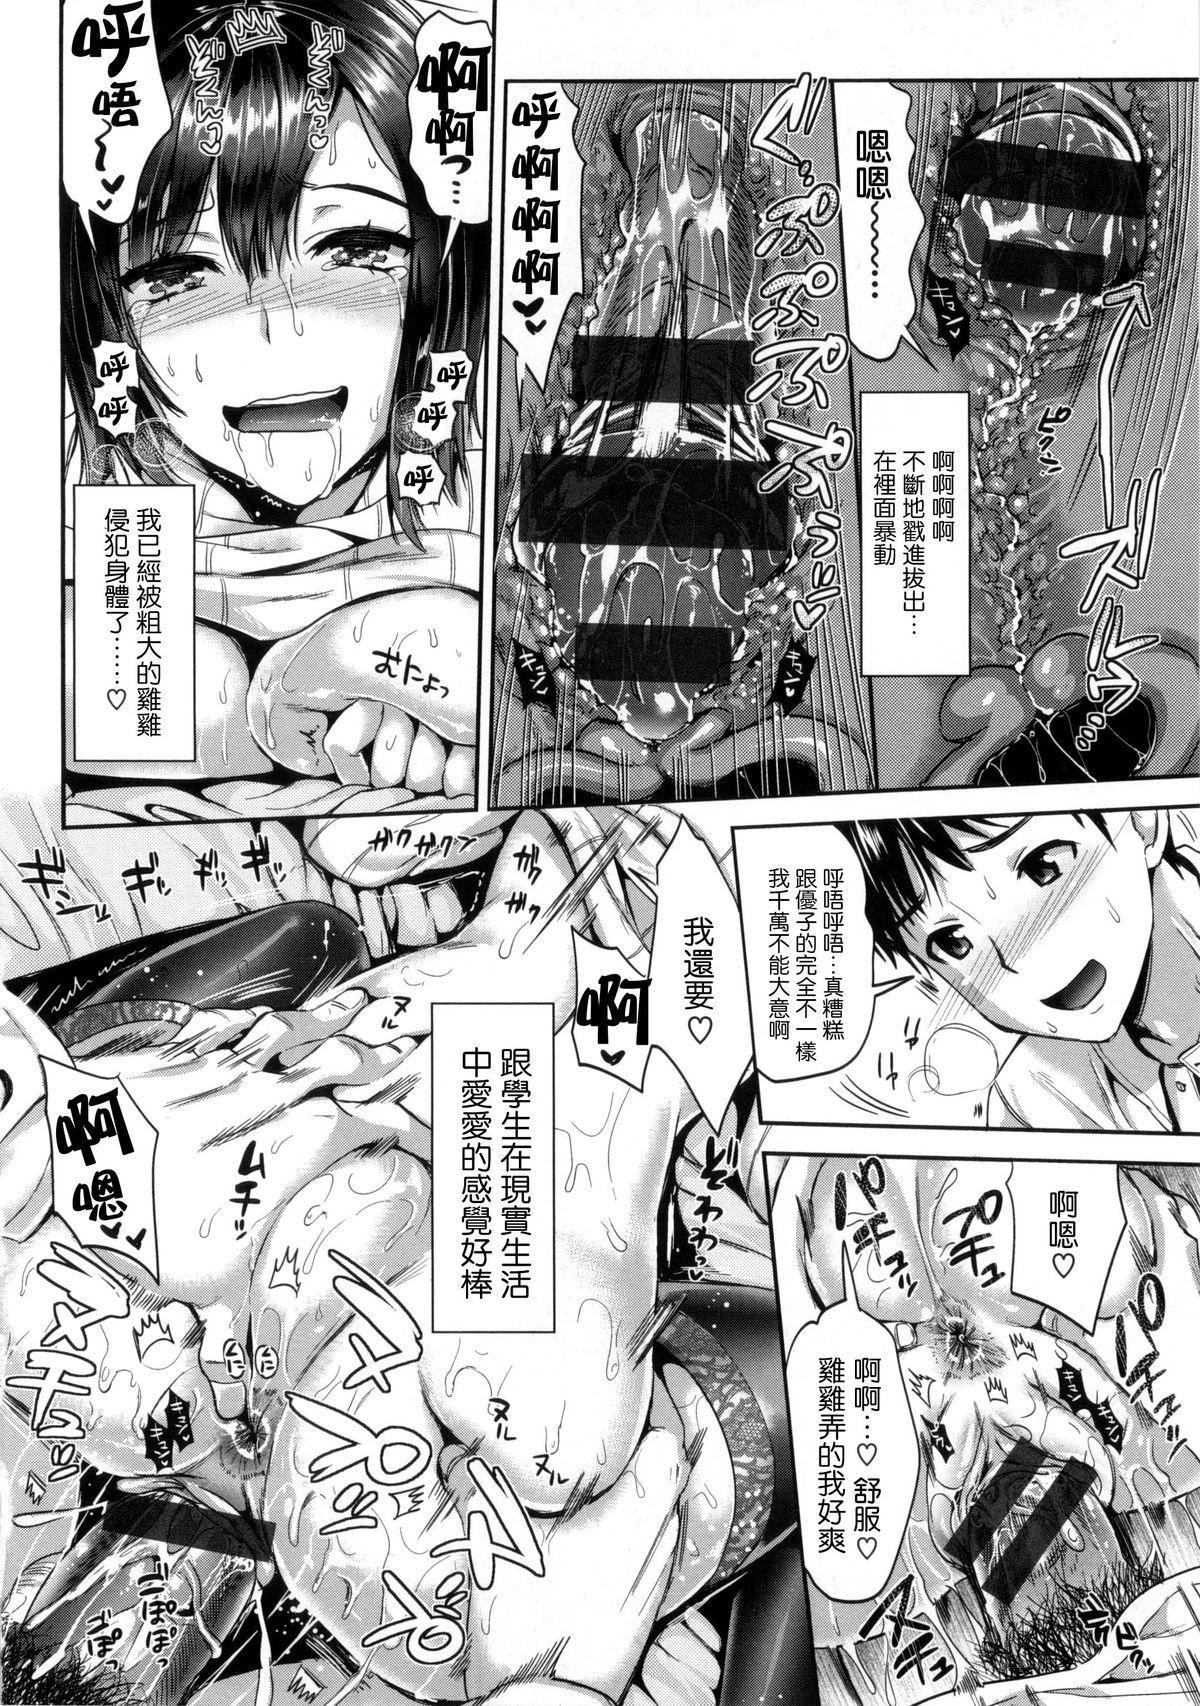 Seikousai - School Love Festival + Toranoana Gentei 8P Shousasshi 74